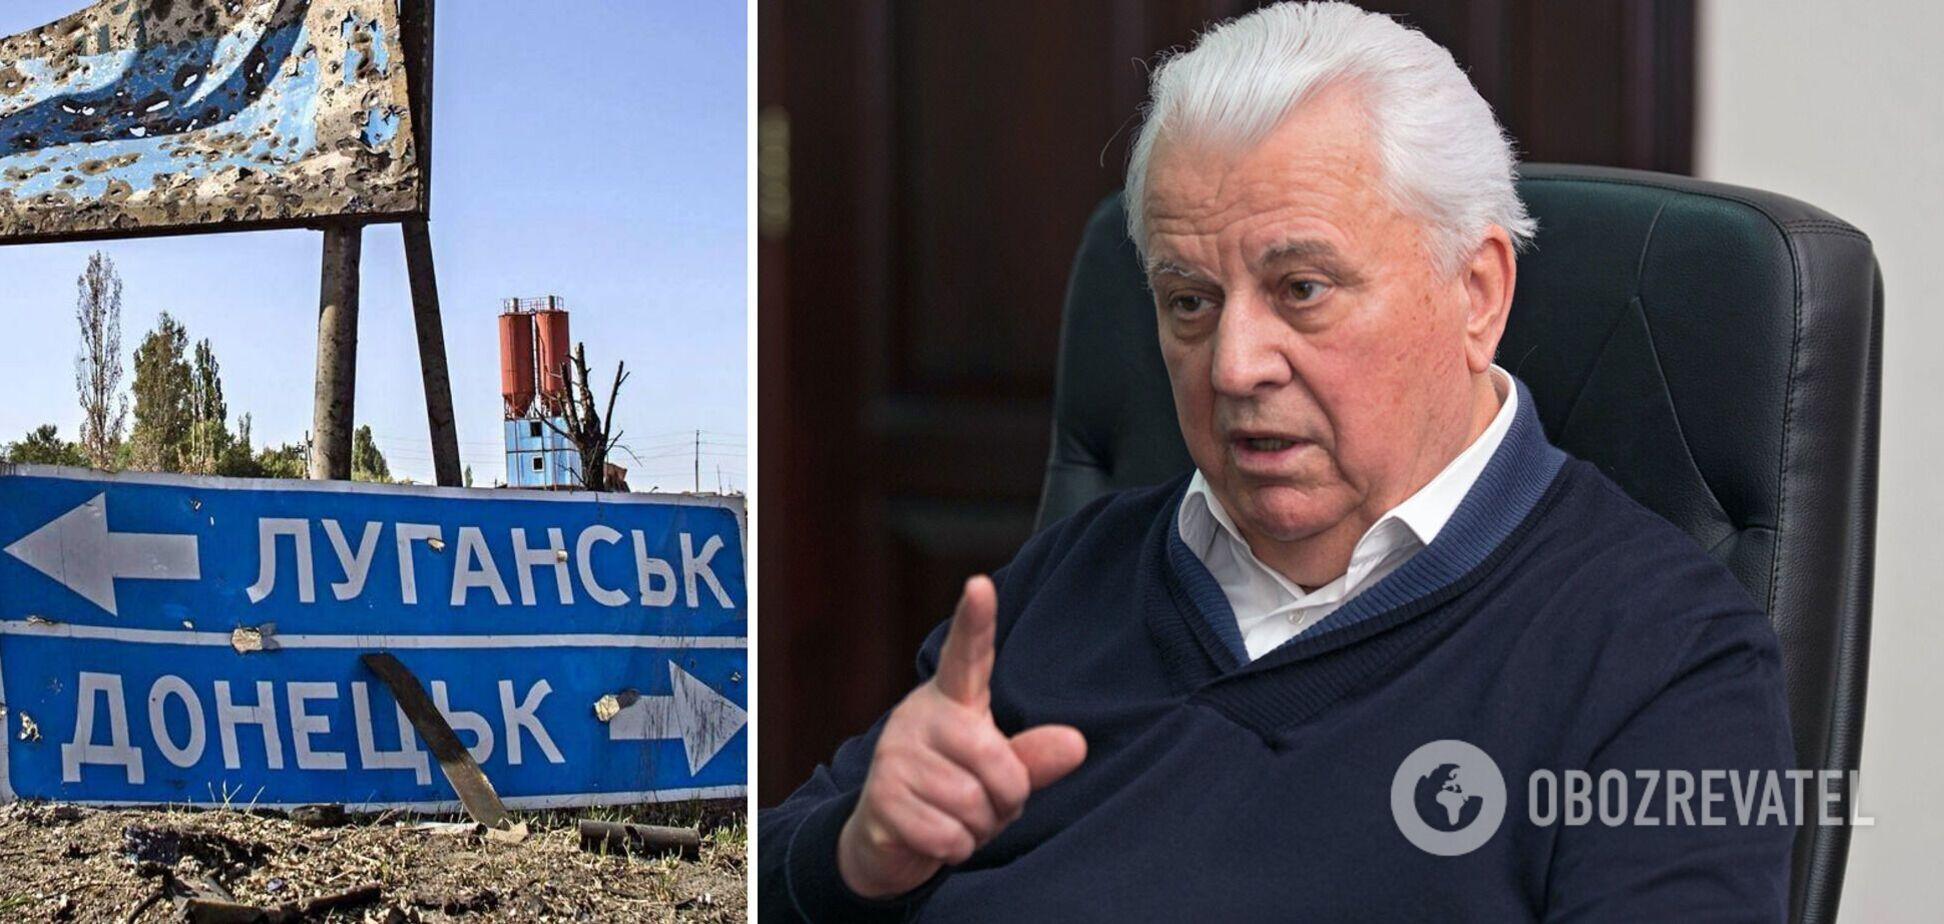 Кравчук – об агрессии России: пусть идут к чертовой матери, мы готовы набить морду